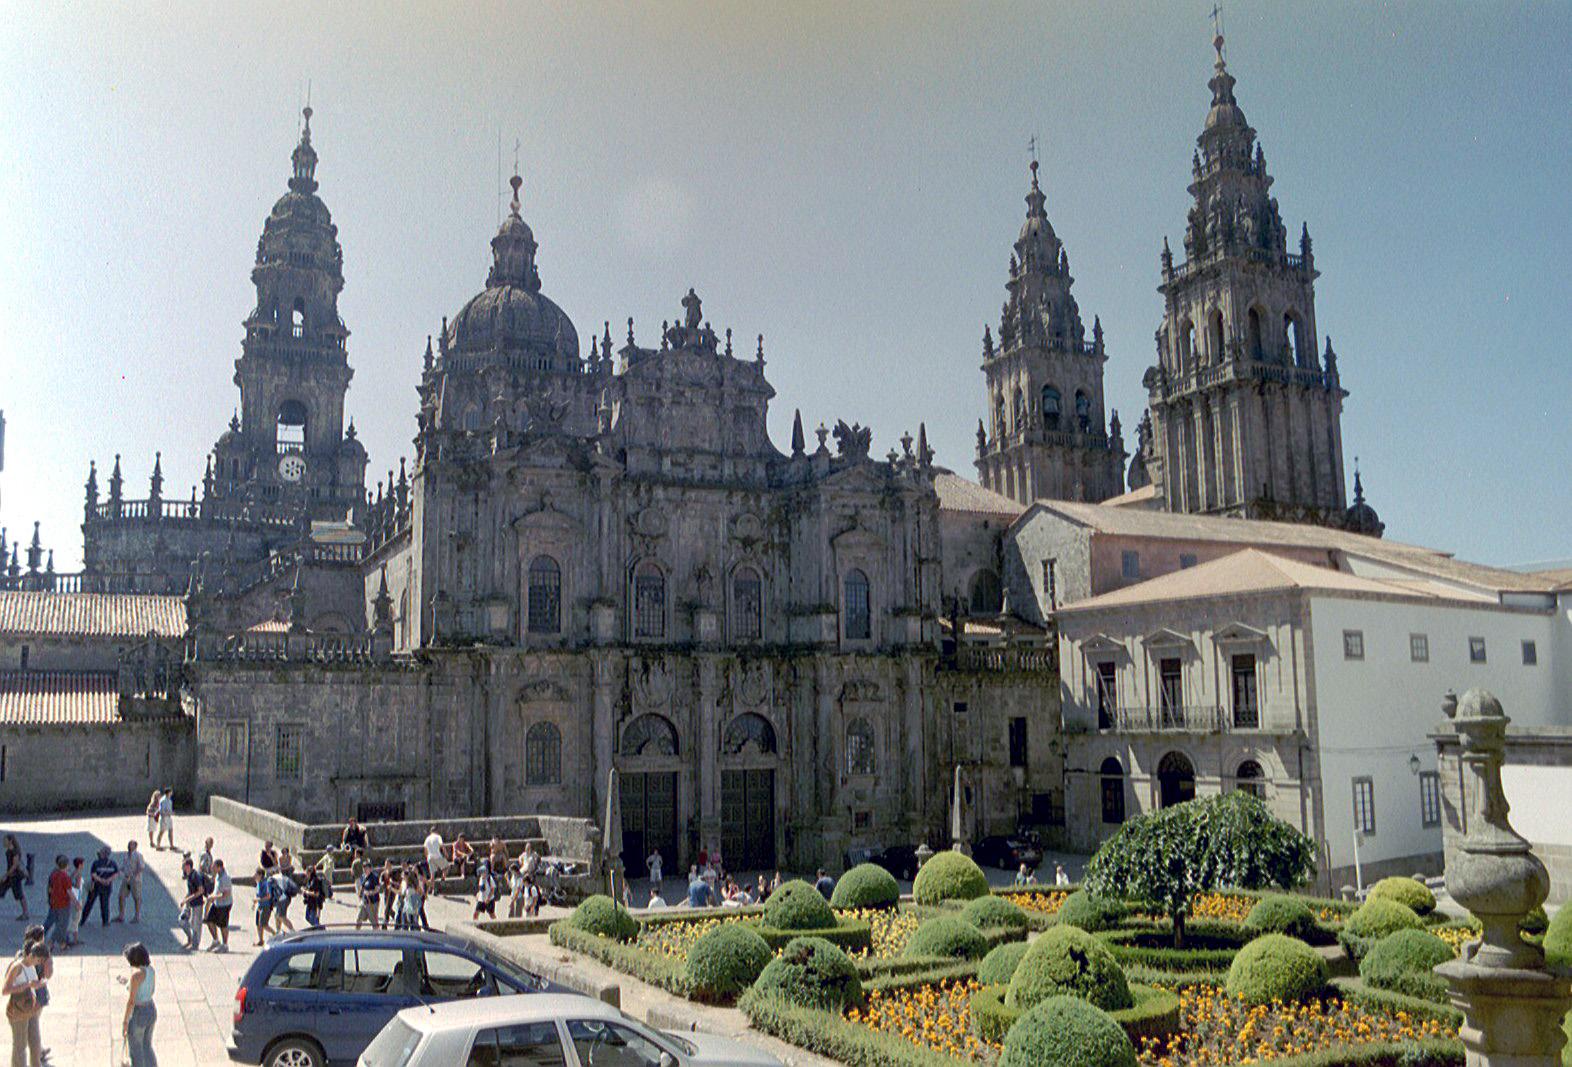 praça da catedral de Santiago de Compostela |  © NielsB / Wikicommons